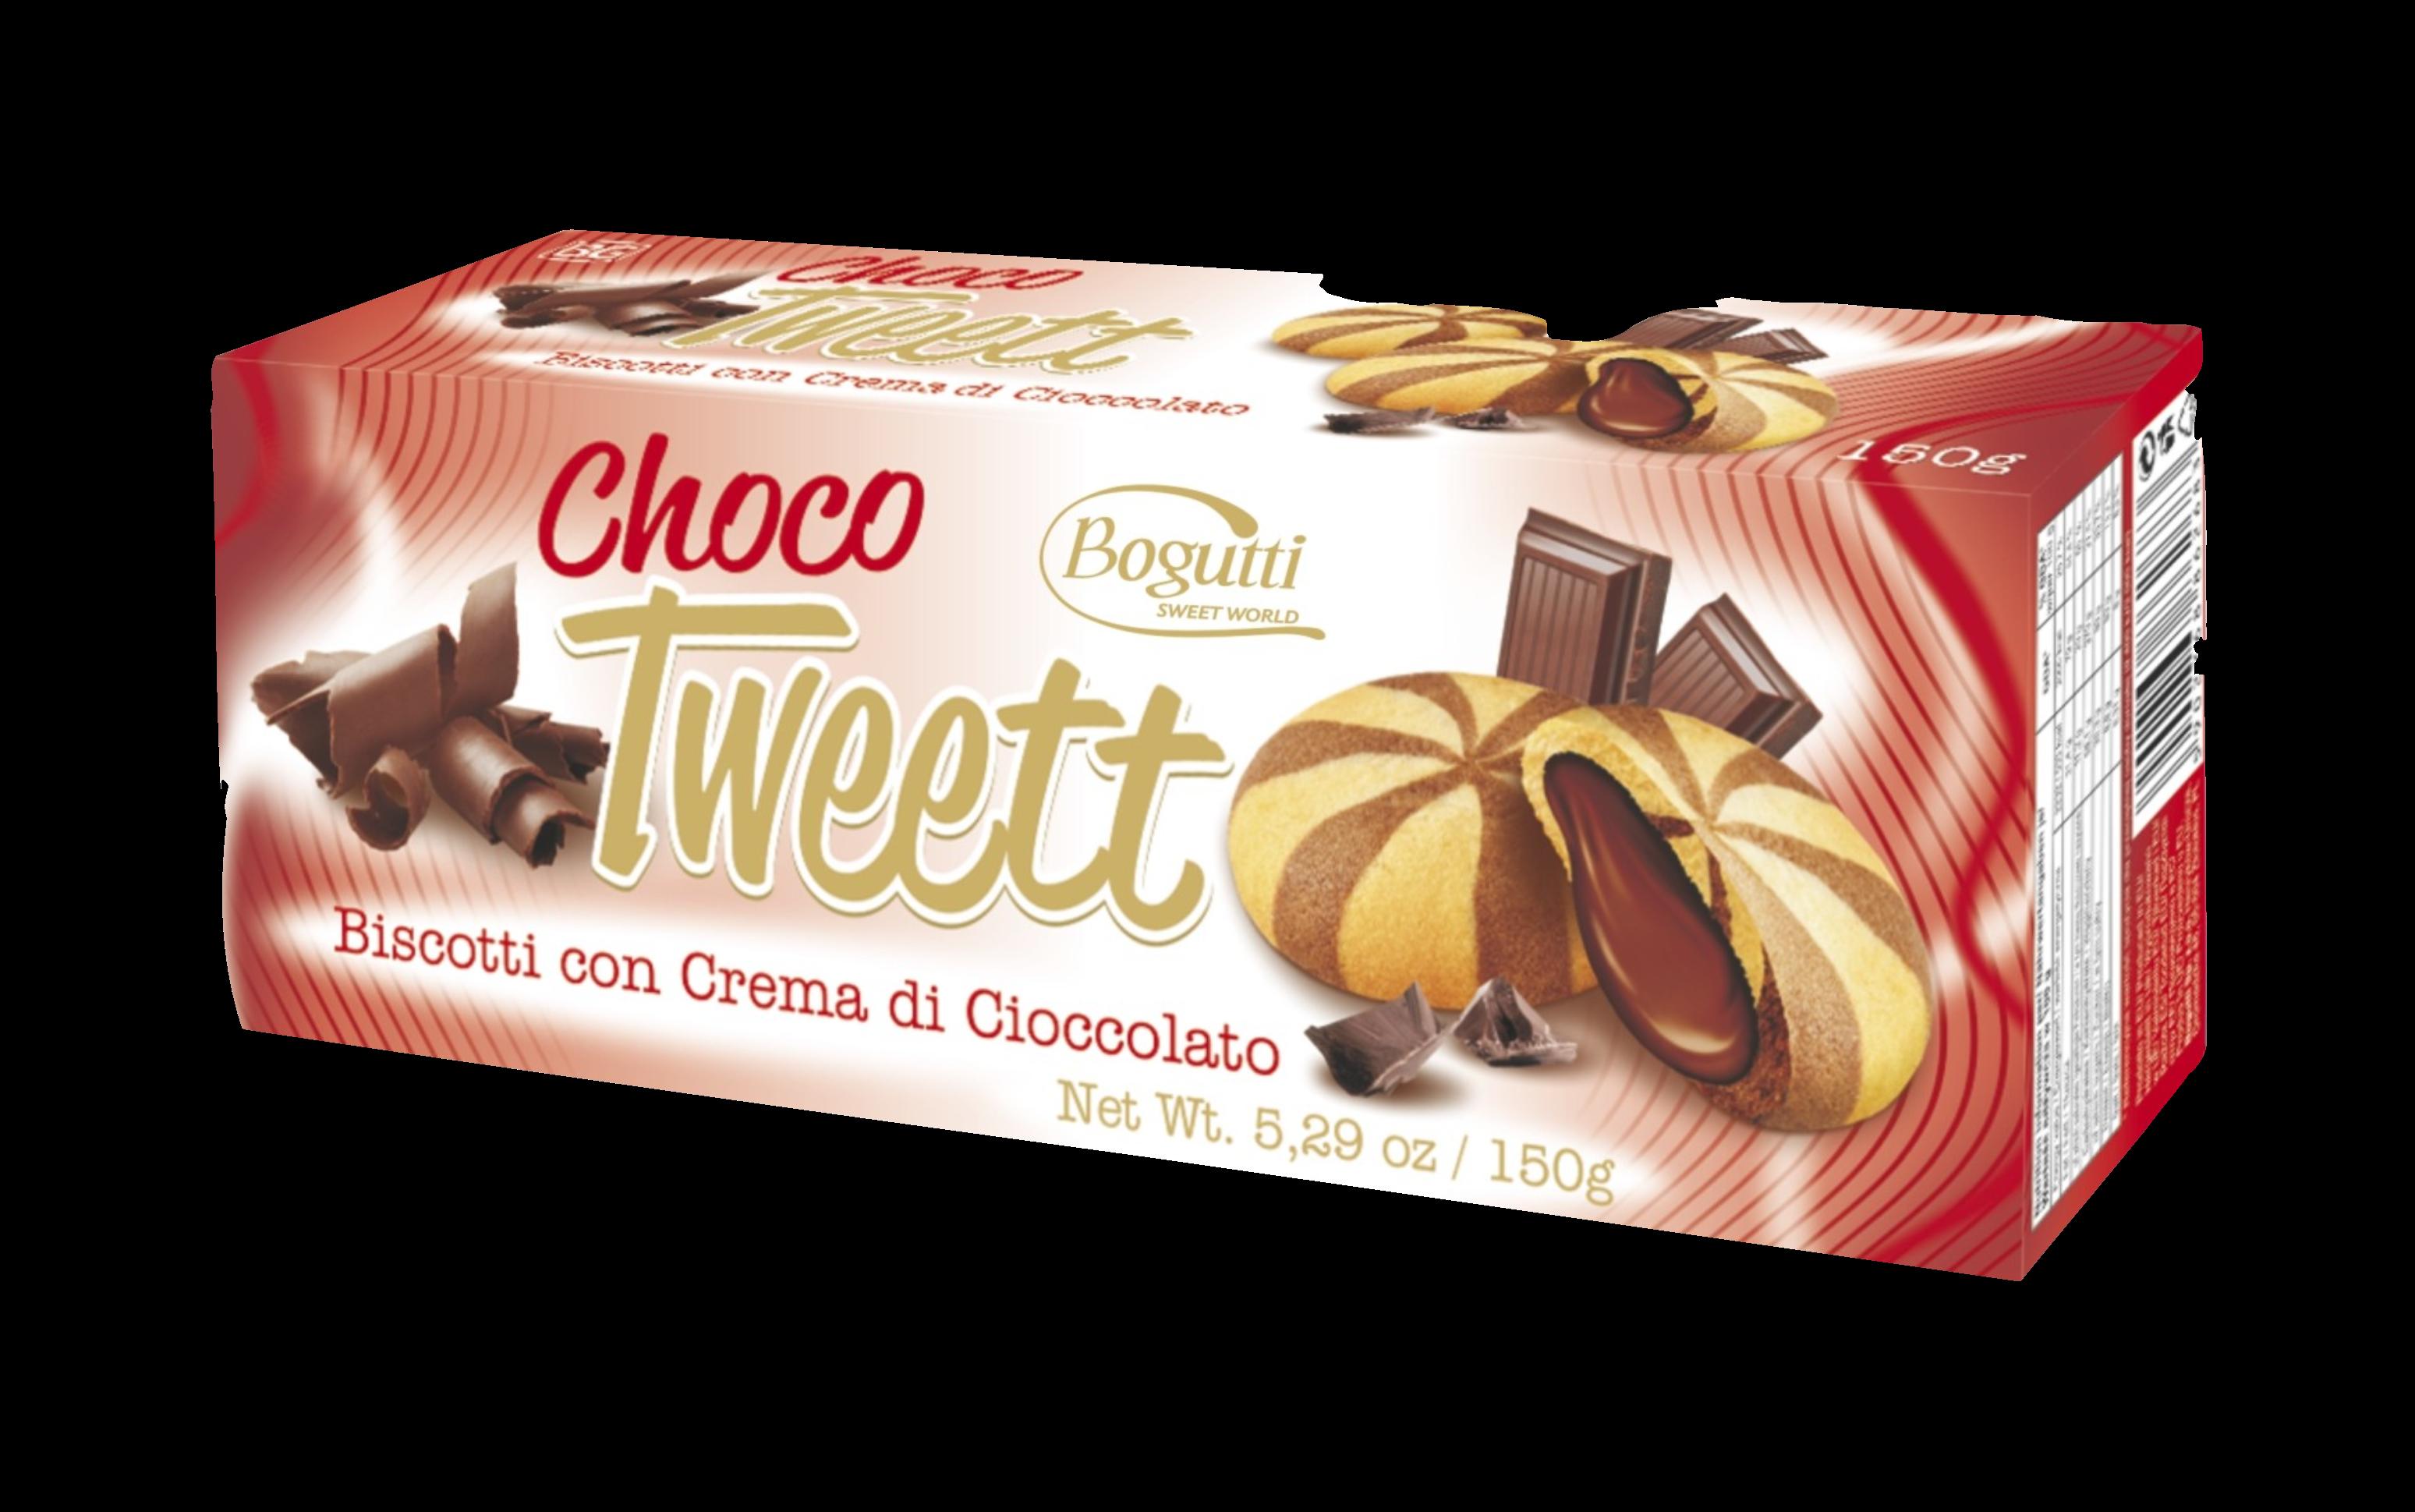 Choco Tweett – Kruche ciasteczka z kremem czekoladowym